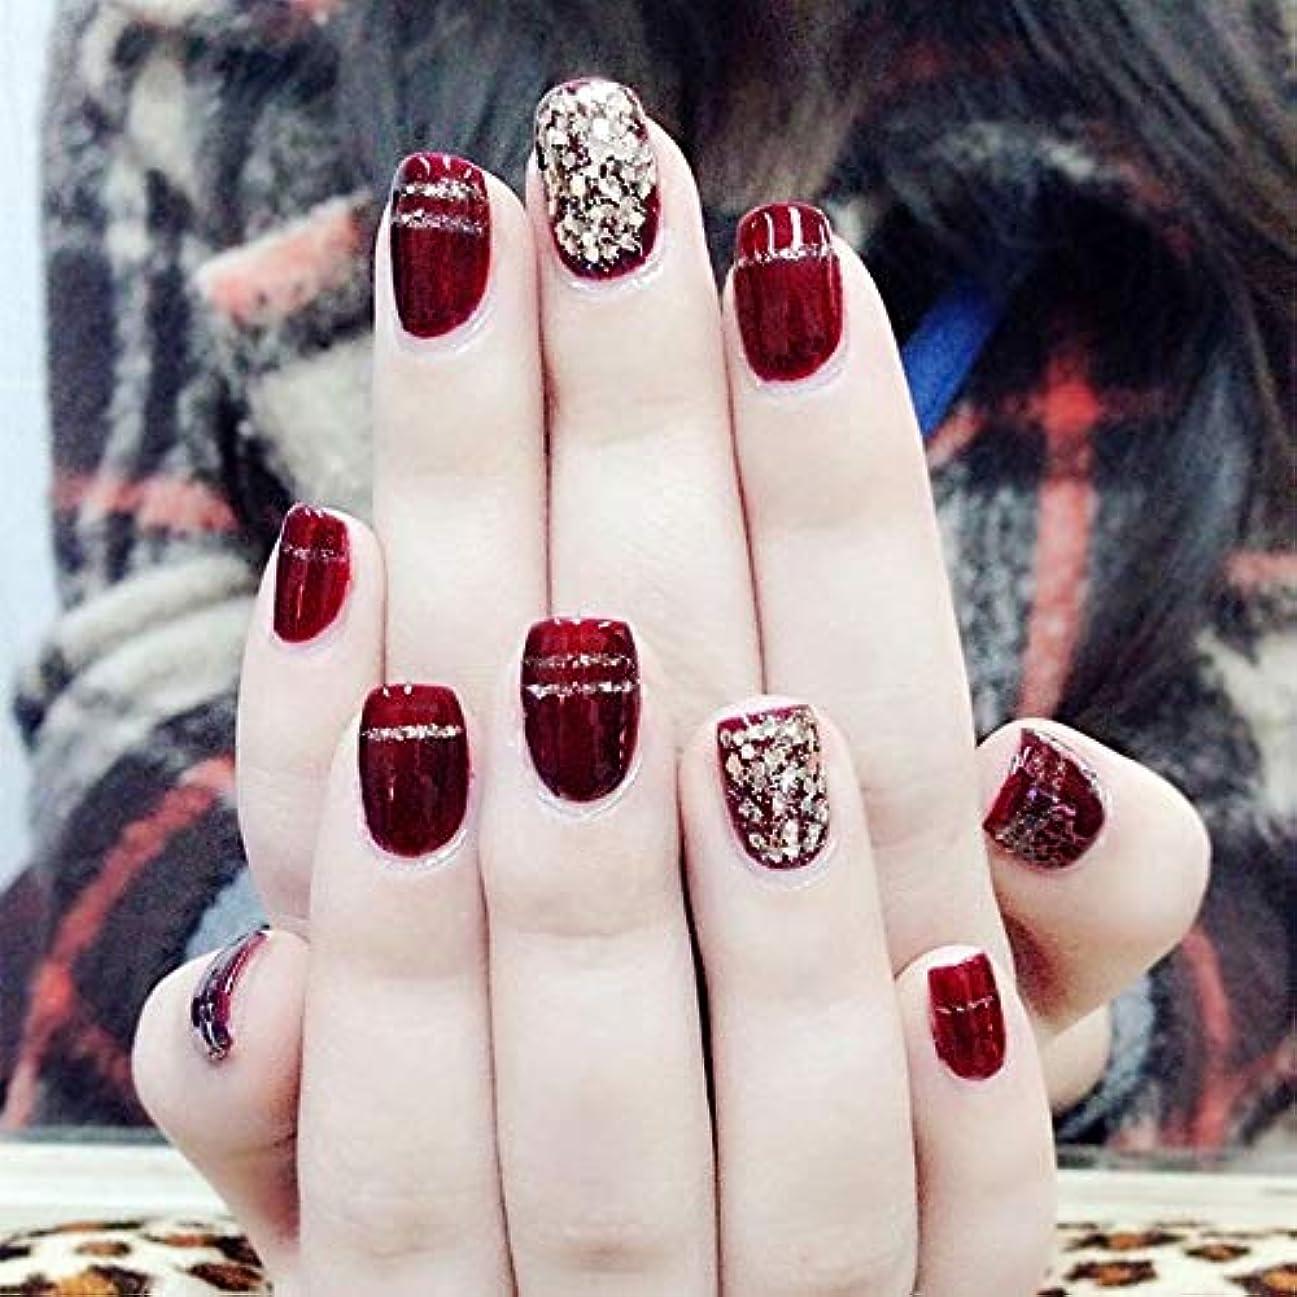 プレビュー桃ほとんどないXUTXZKA ファッションワインレッド偽爪24ピースショートオーバルスパンコールの装飾フェイク人工爪のヒントステッカー